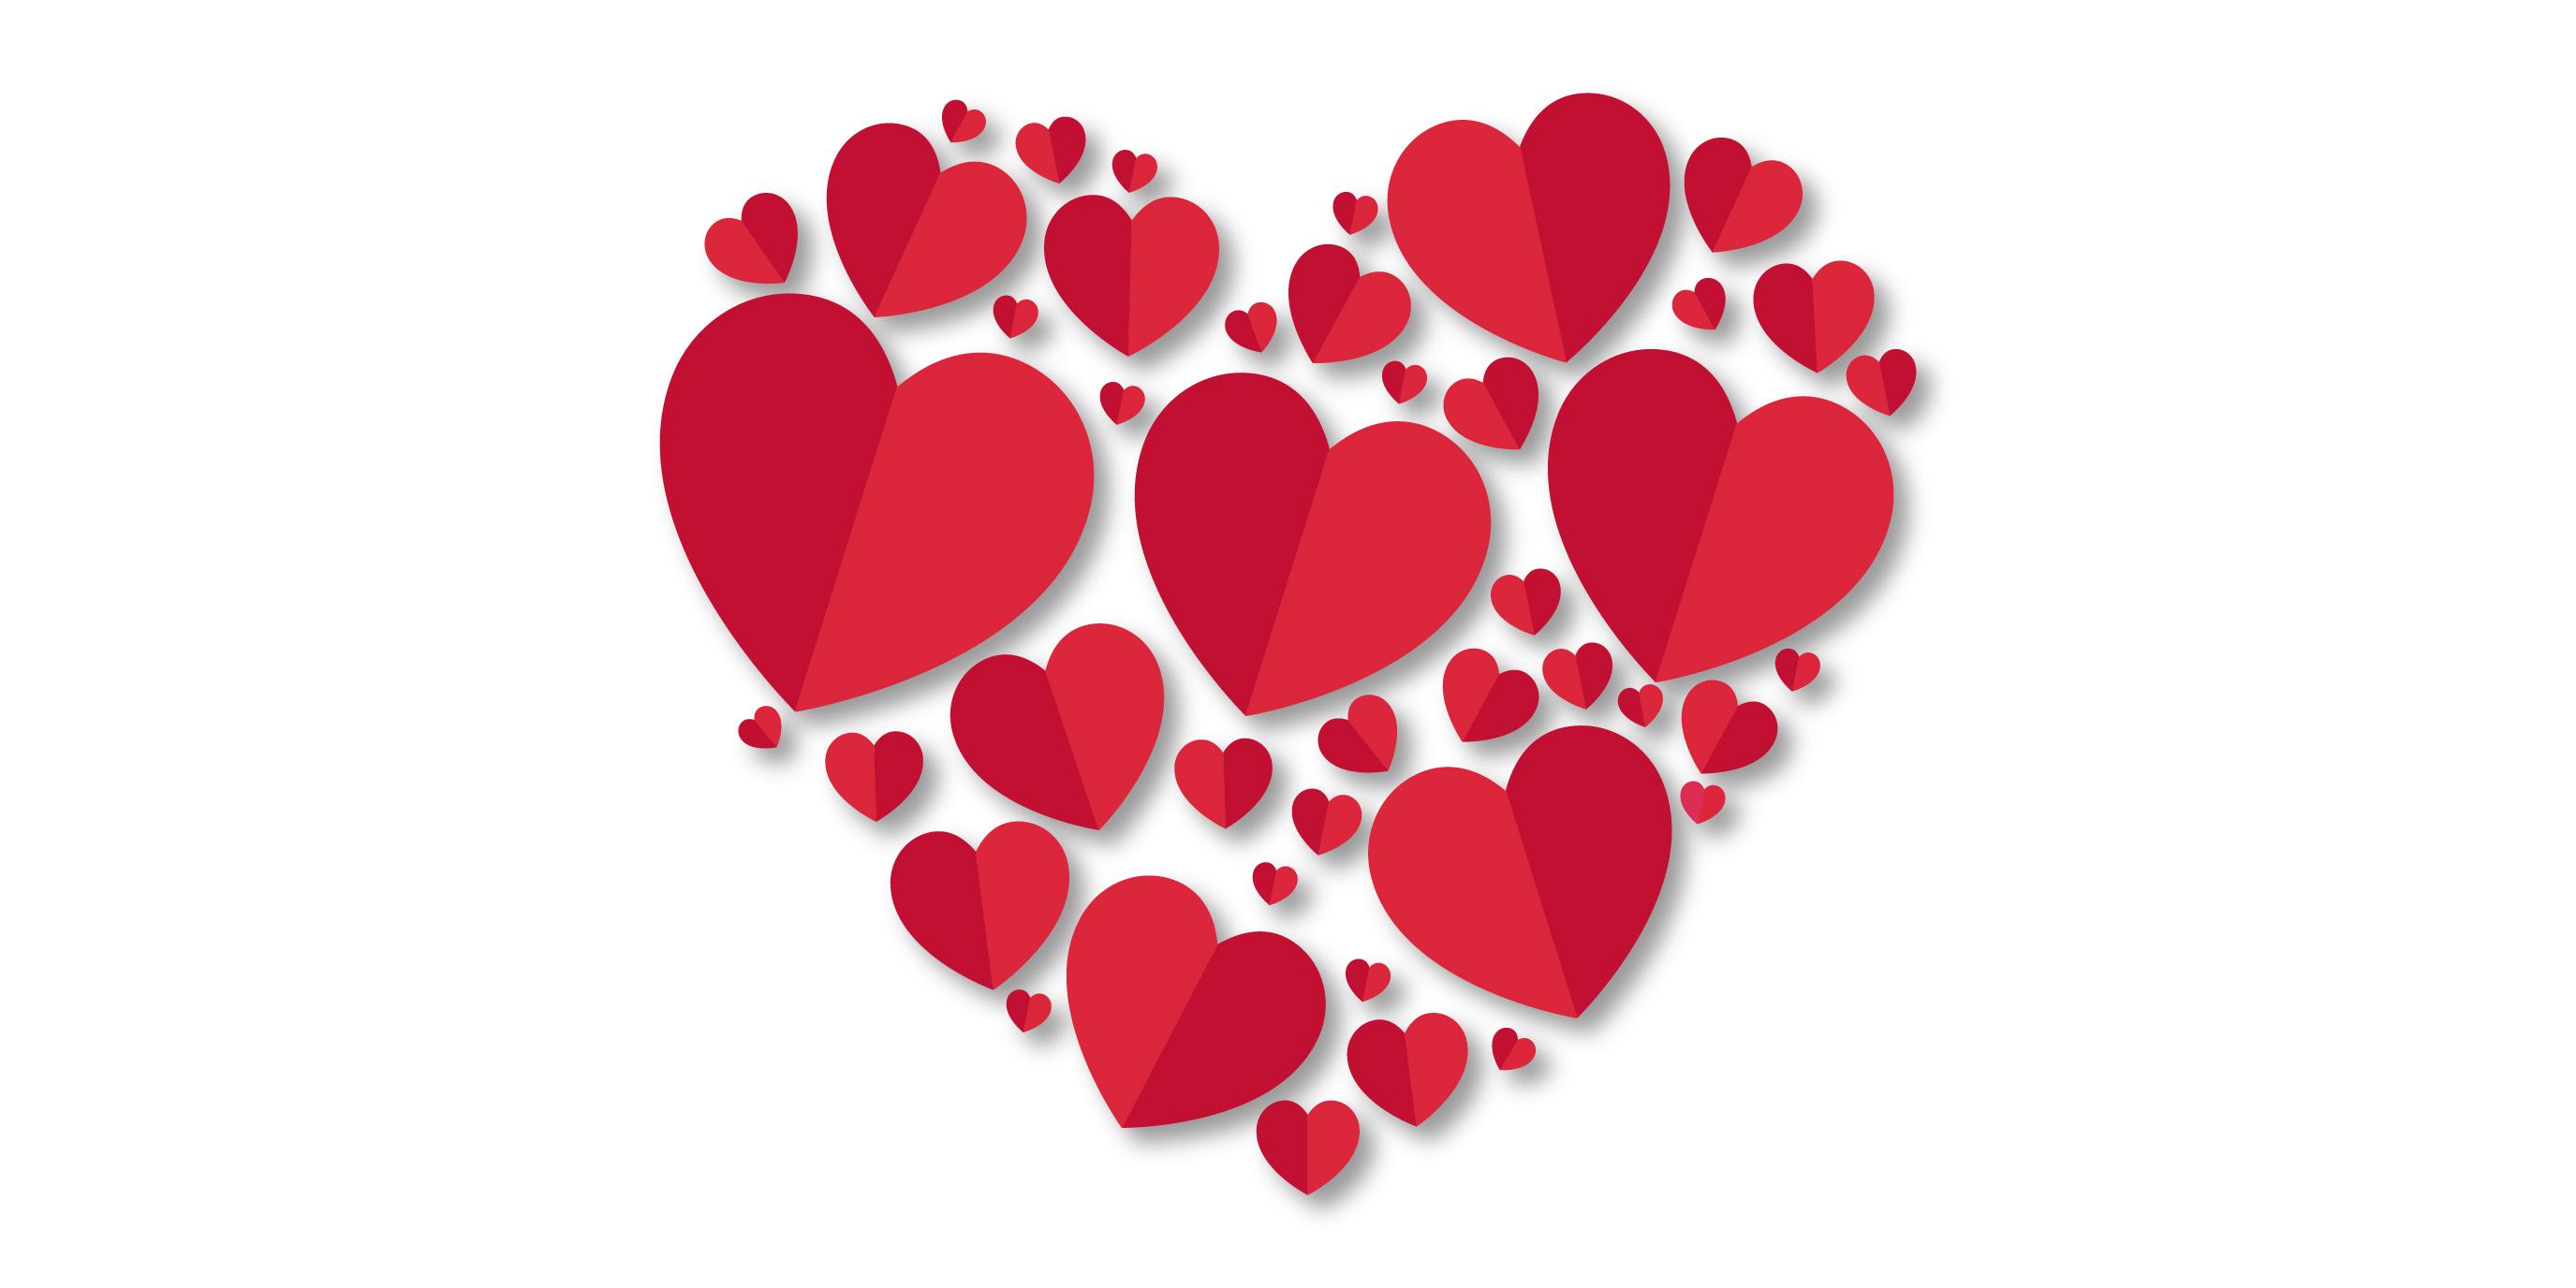 hearts 01